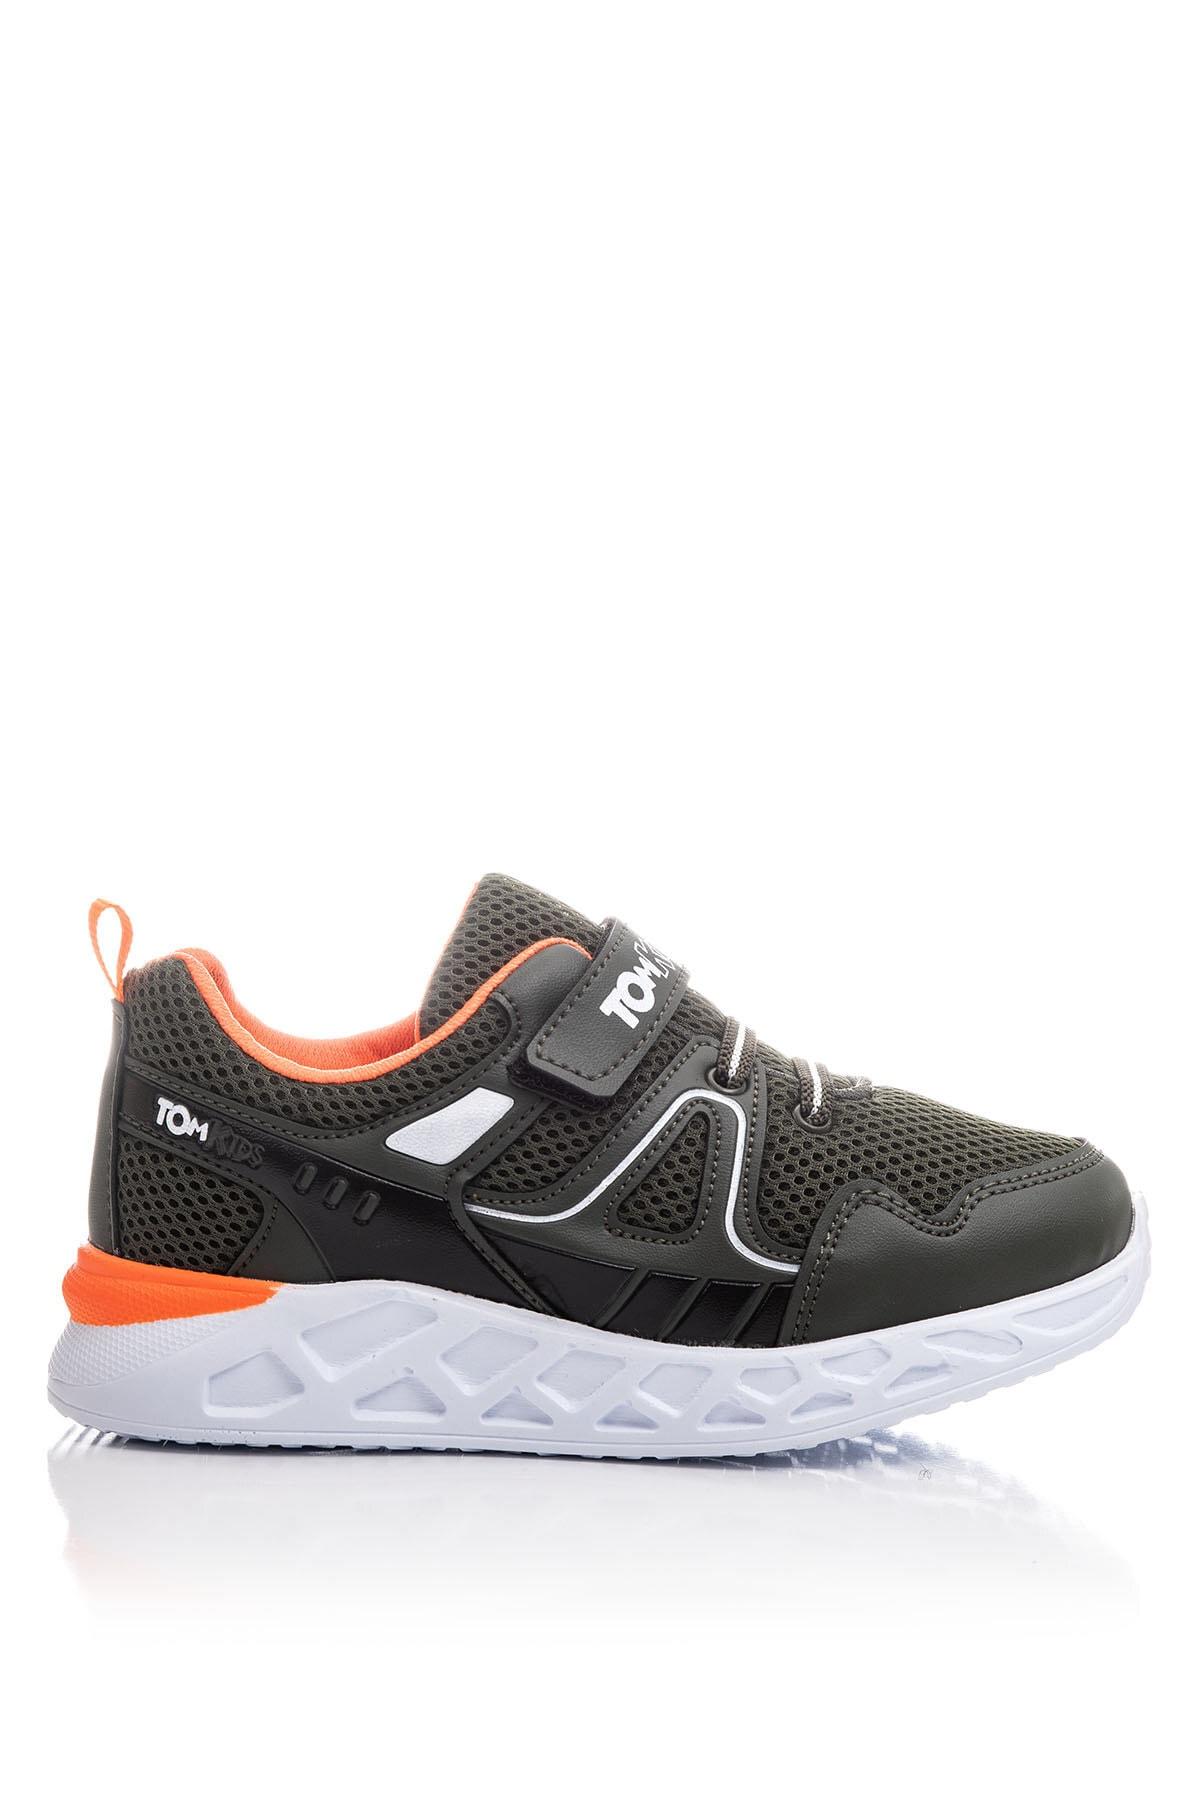 Tonny Black Erkek Çocuk Haki Spor Ayakkabı TB3401-3 2